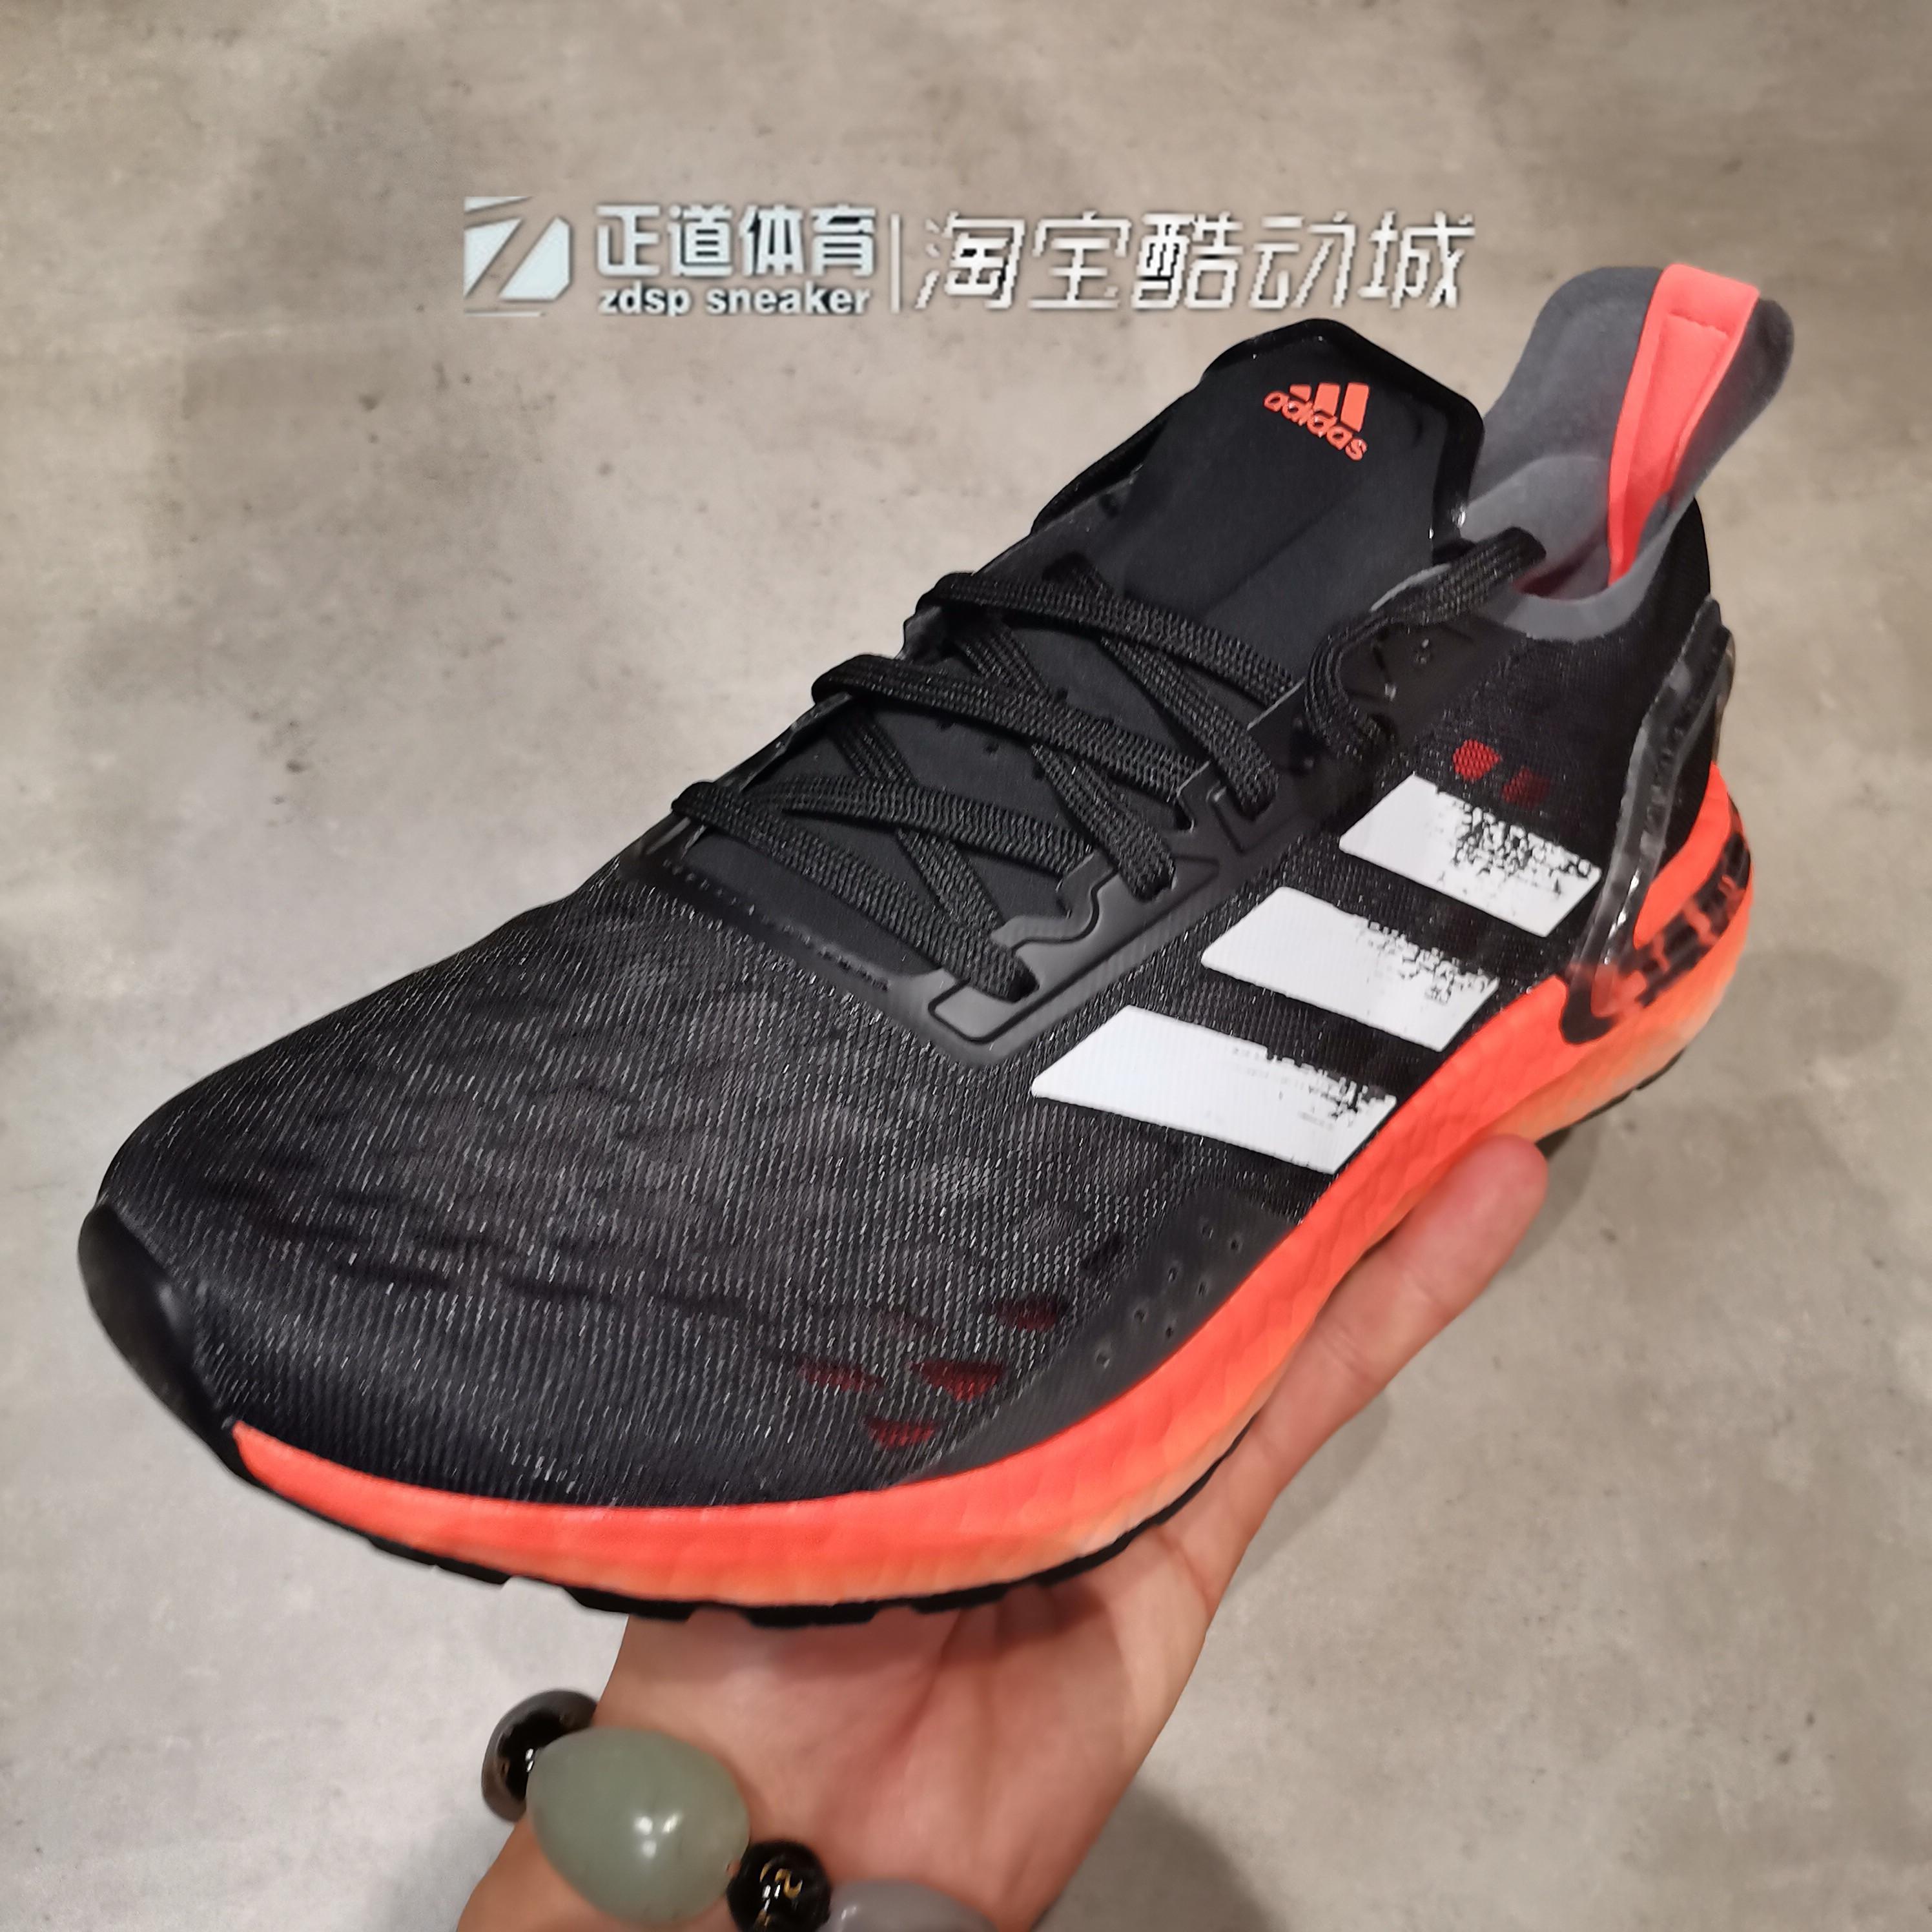 虎撲運動 Adidas阿迪達斯BOOST男子春秋訓練輕便透氣跑步緩震休閒鞋EG0427